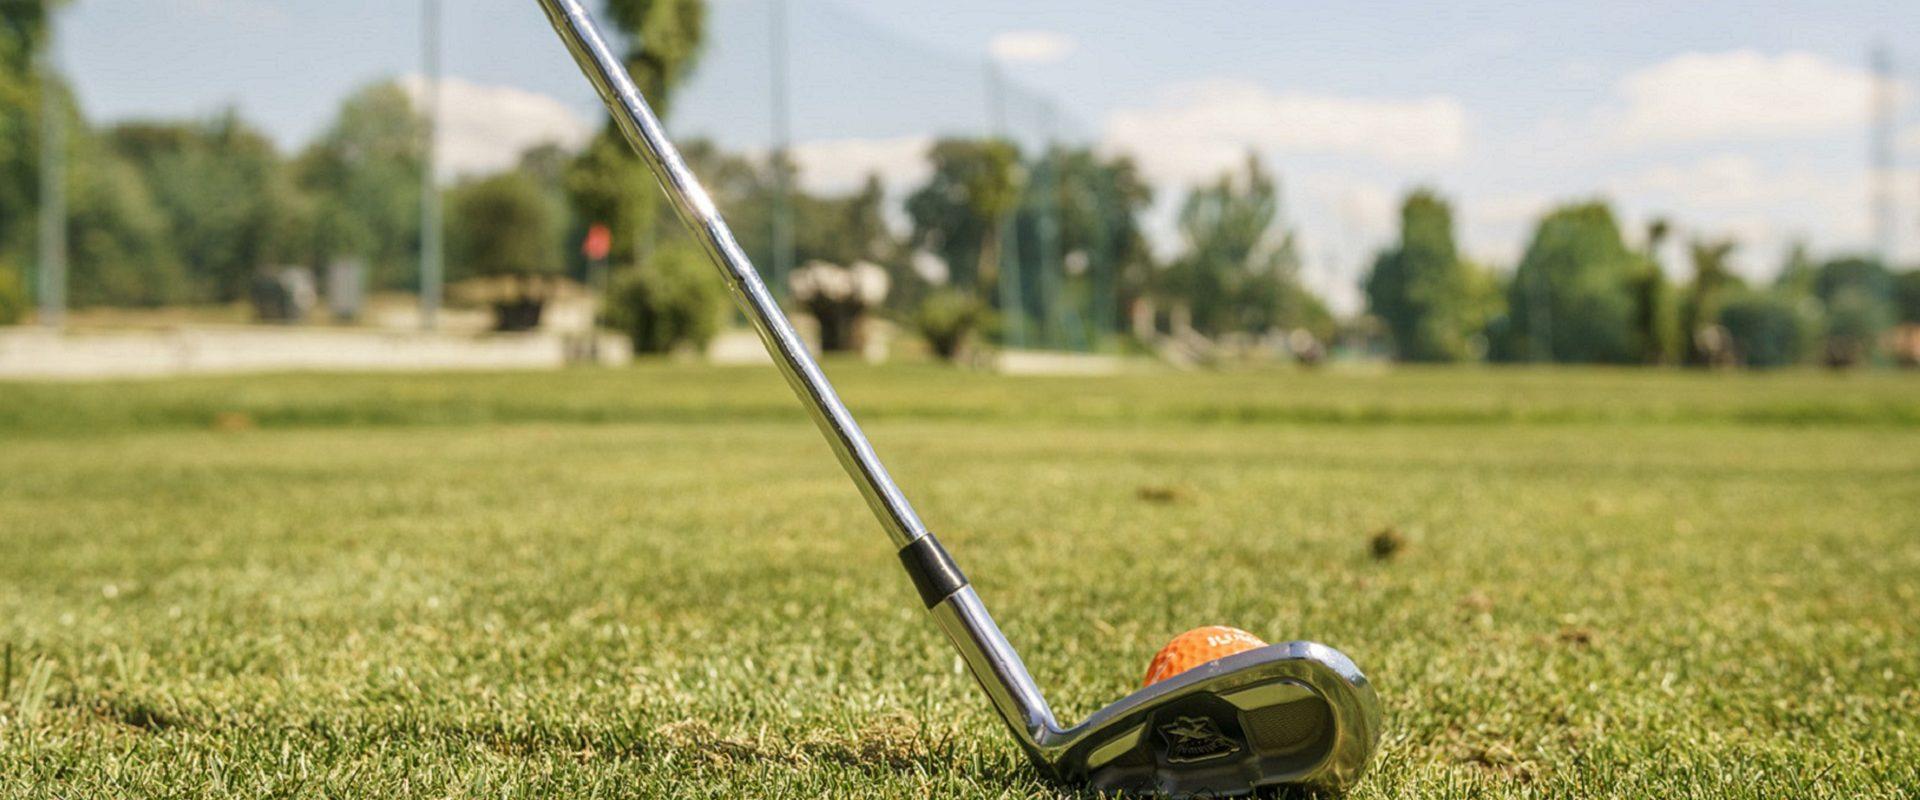 Palo y pelota de golf sobre cancha de golf